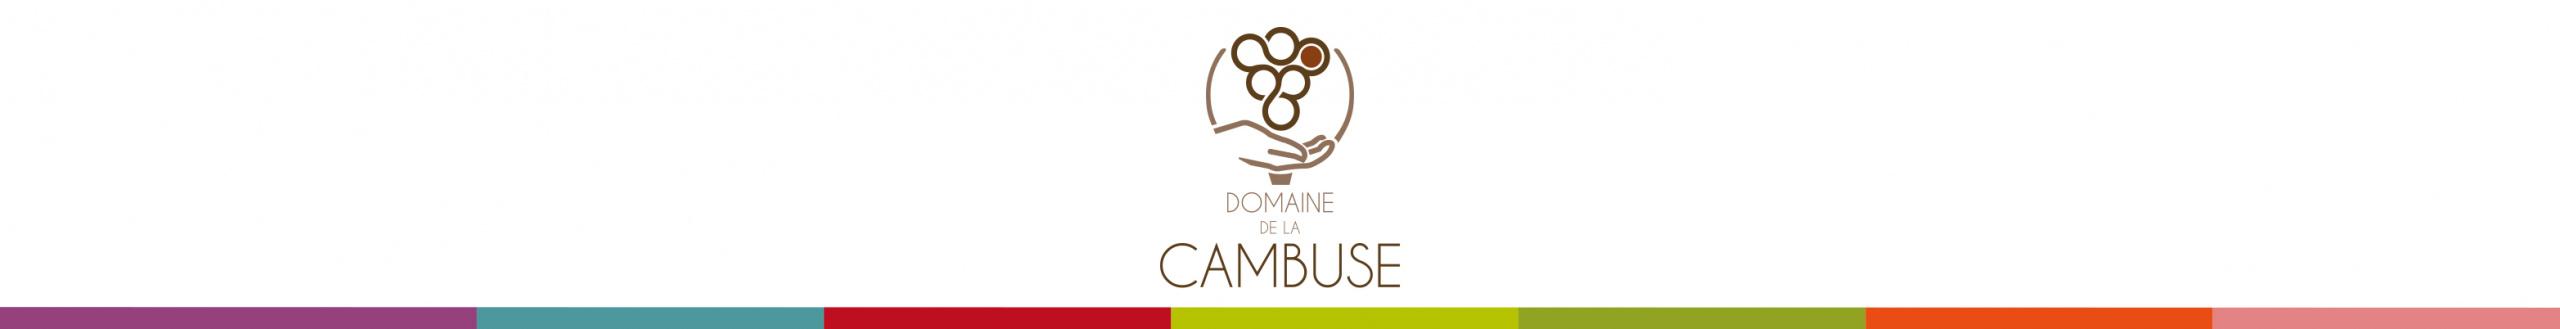 DOMAINE DE LA CAMBUSE Logo